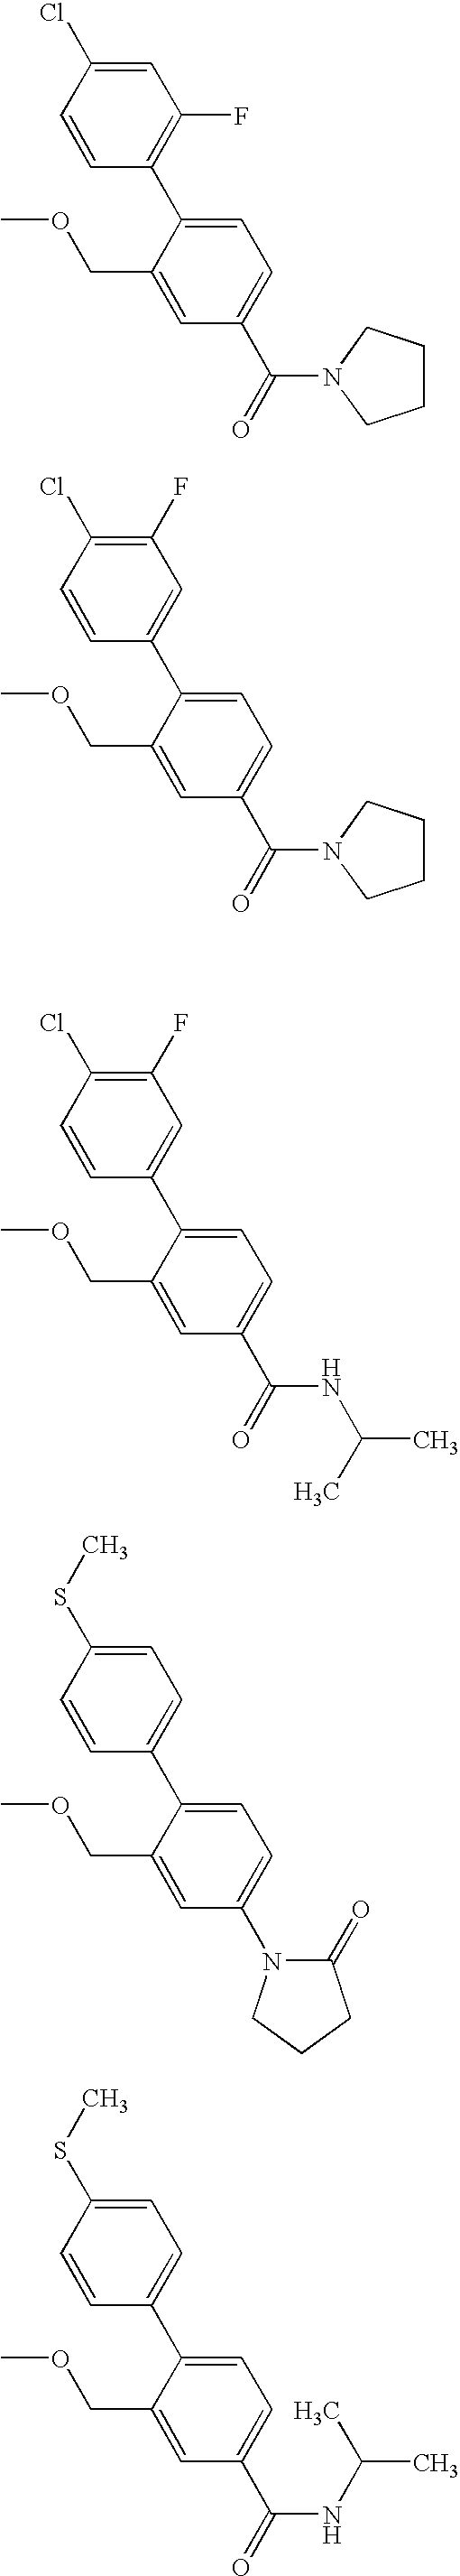 Figure US20070049593A1-20070301-C00256